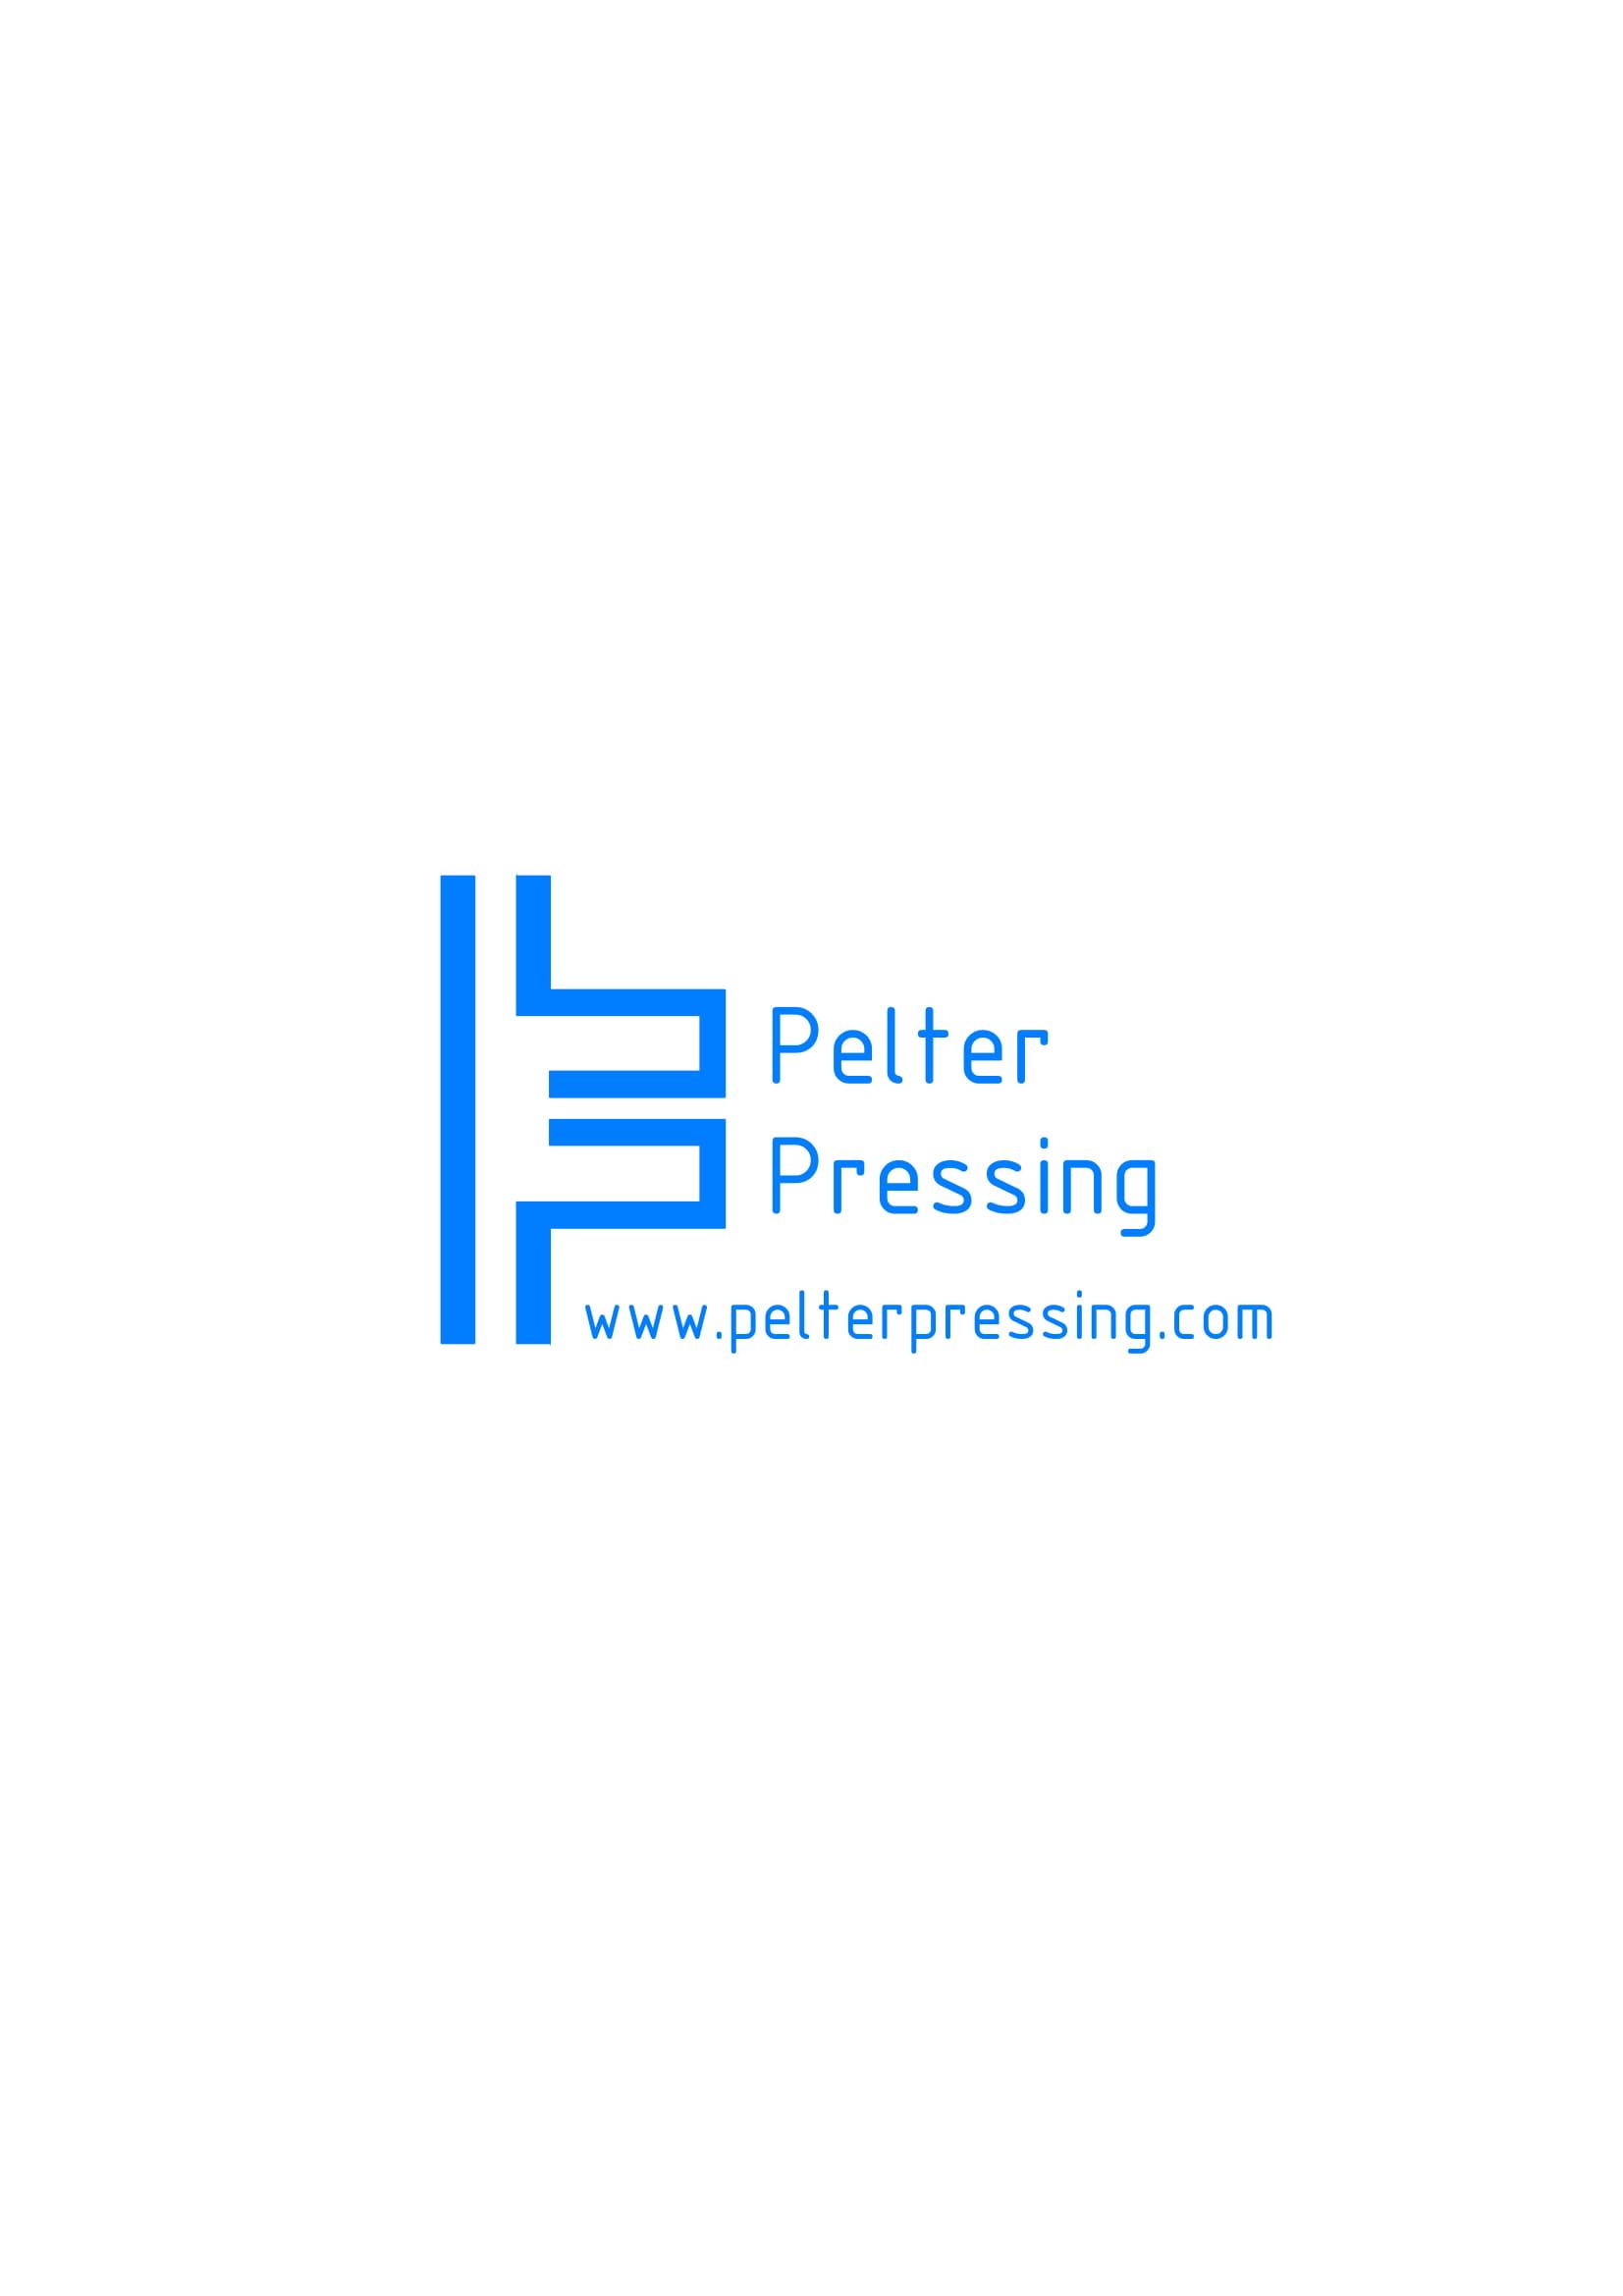 Pelter pressing-1